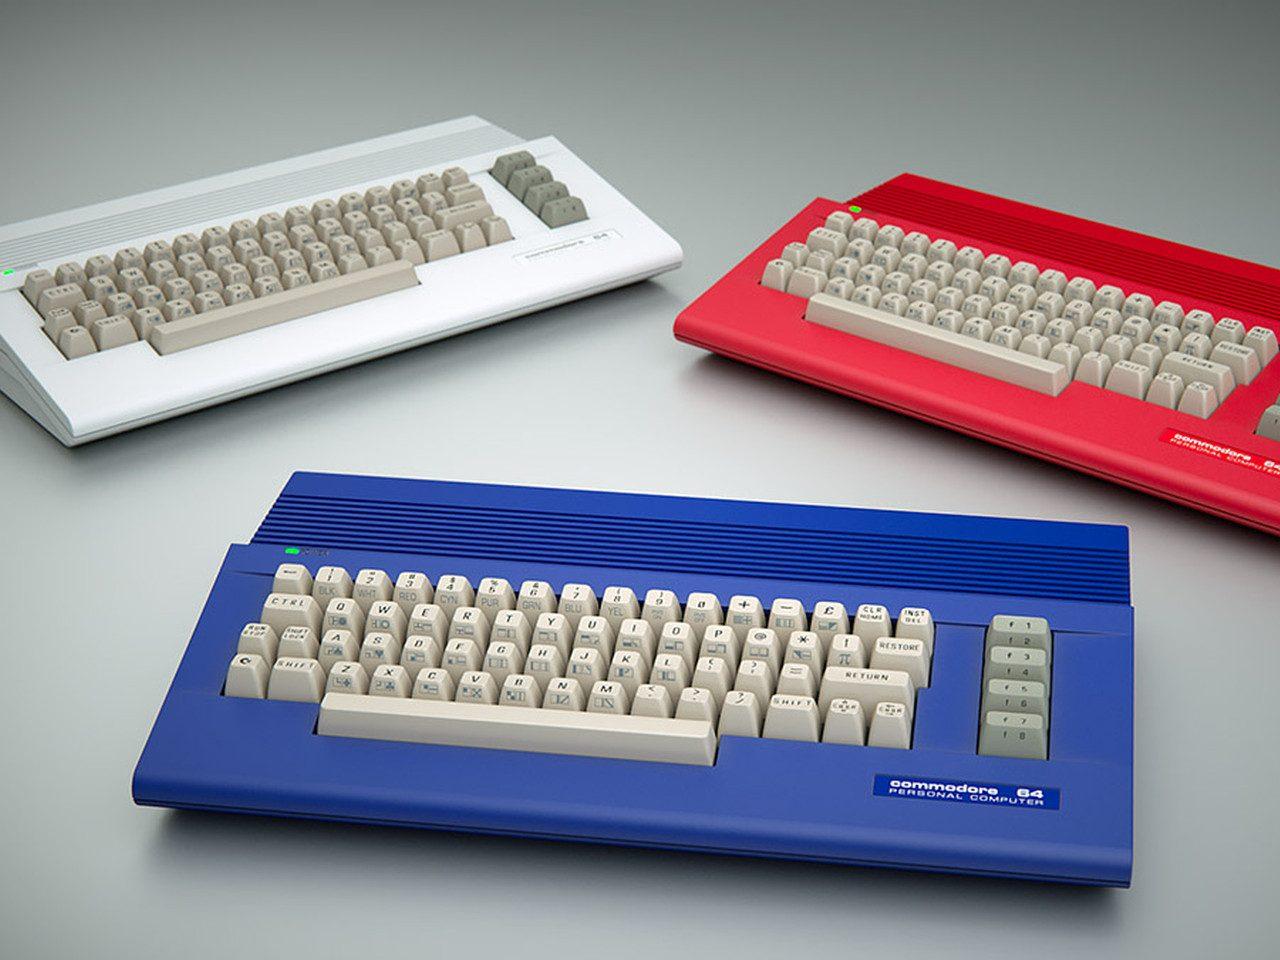 Neue C64 Gehäuse (Bild: Dallas Moore)